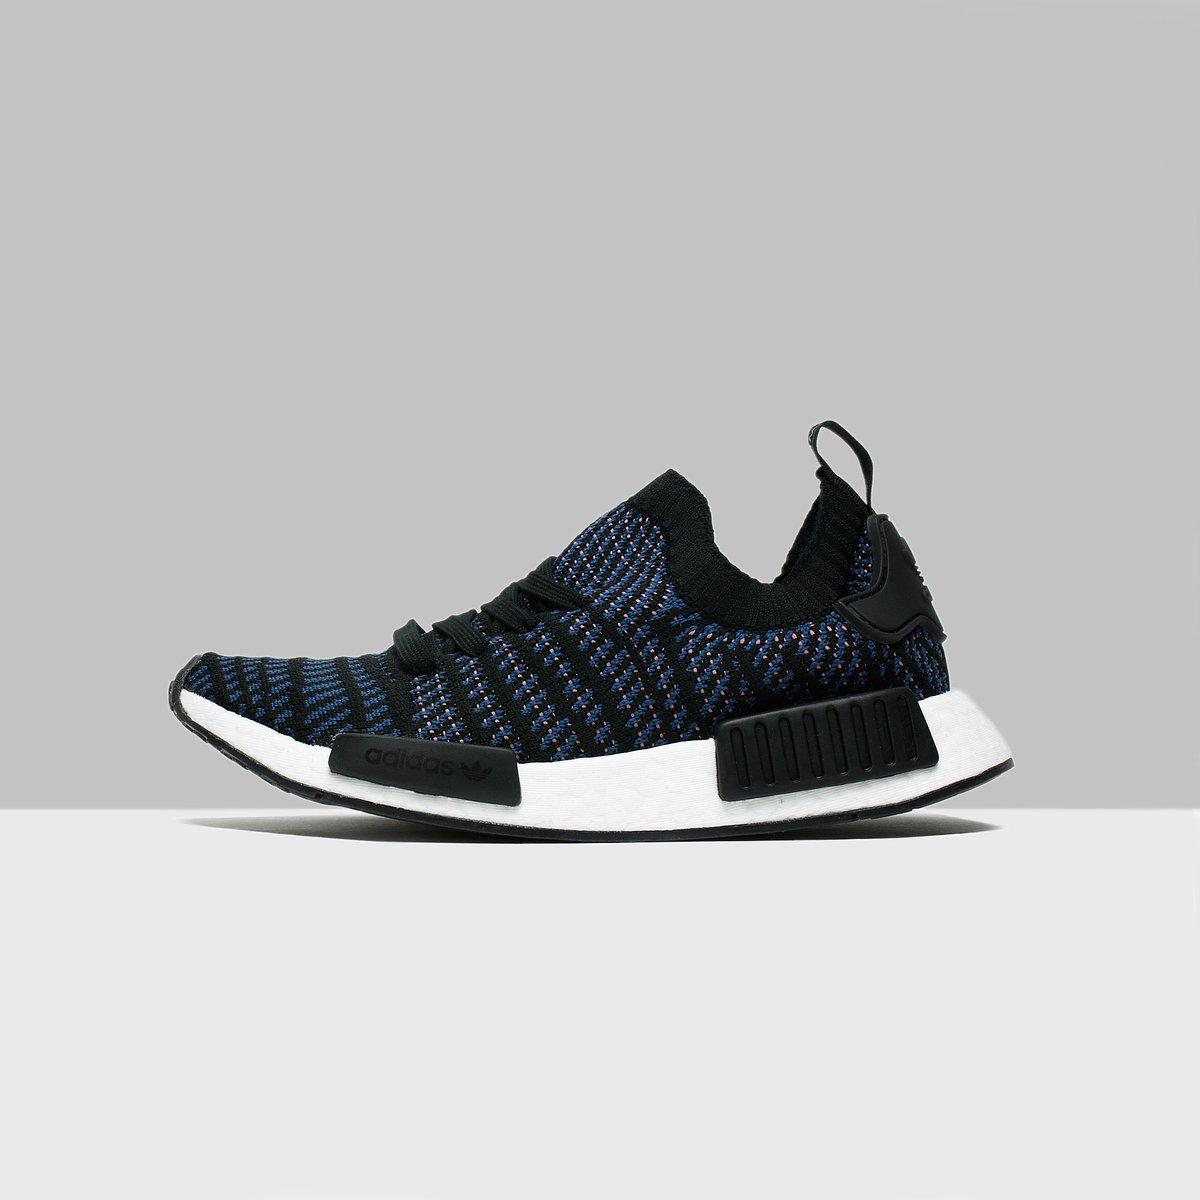 Adidas Damenschuhe Schuhes Niedriger Payment schwarz Weiß Damenschuhe Adidas | trikalaIN 239290